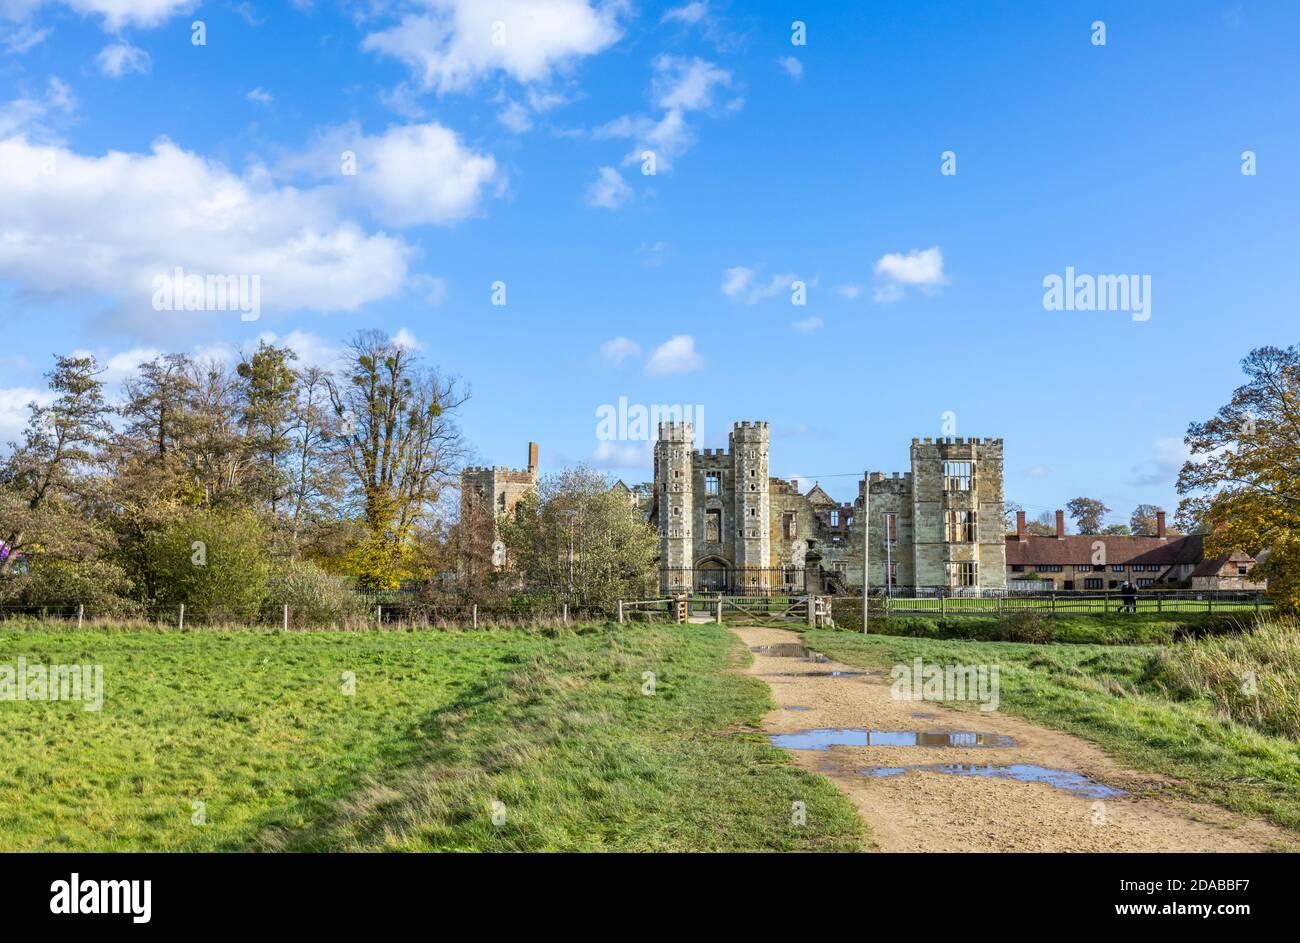 Las ruinas de Cowdray House (o Castillo) una casa señorial Tudor en Cowdray, Midhurst, una ciudad en West Sussex, al sureste de Inglaterra Foto de stock